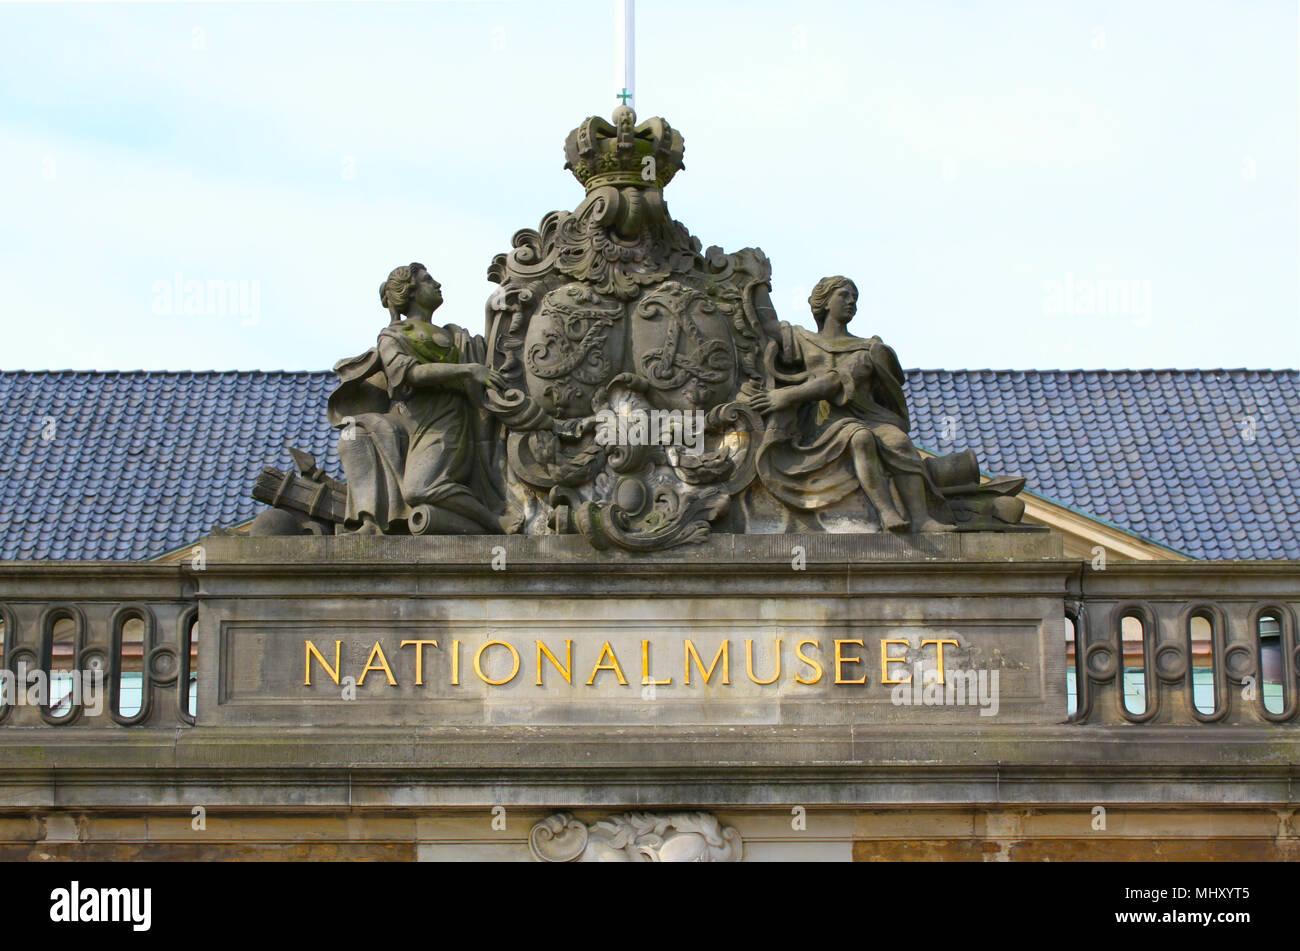 Copenhague, Dinamarca - 3 de mayo de 2018: El Museo Nacional de Dinamarca en Copenhague, Dinamarca es más importante y más grande museo histórico y cultural com Foto de stock